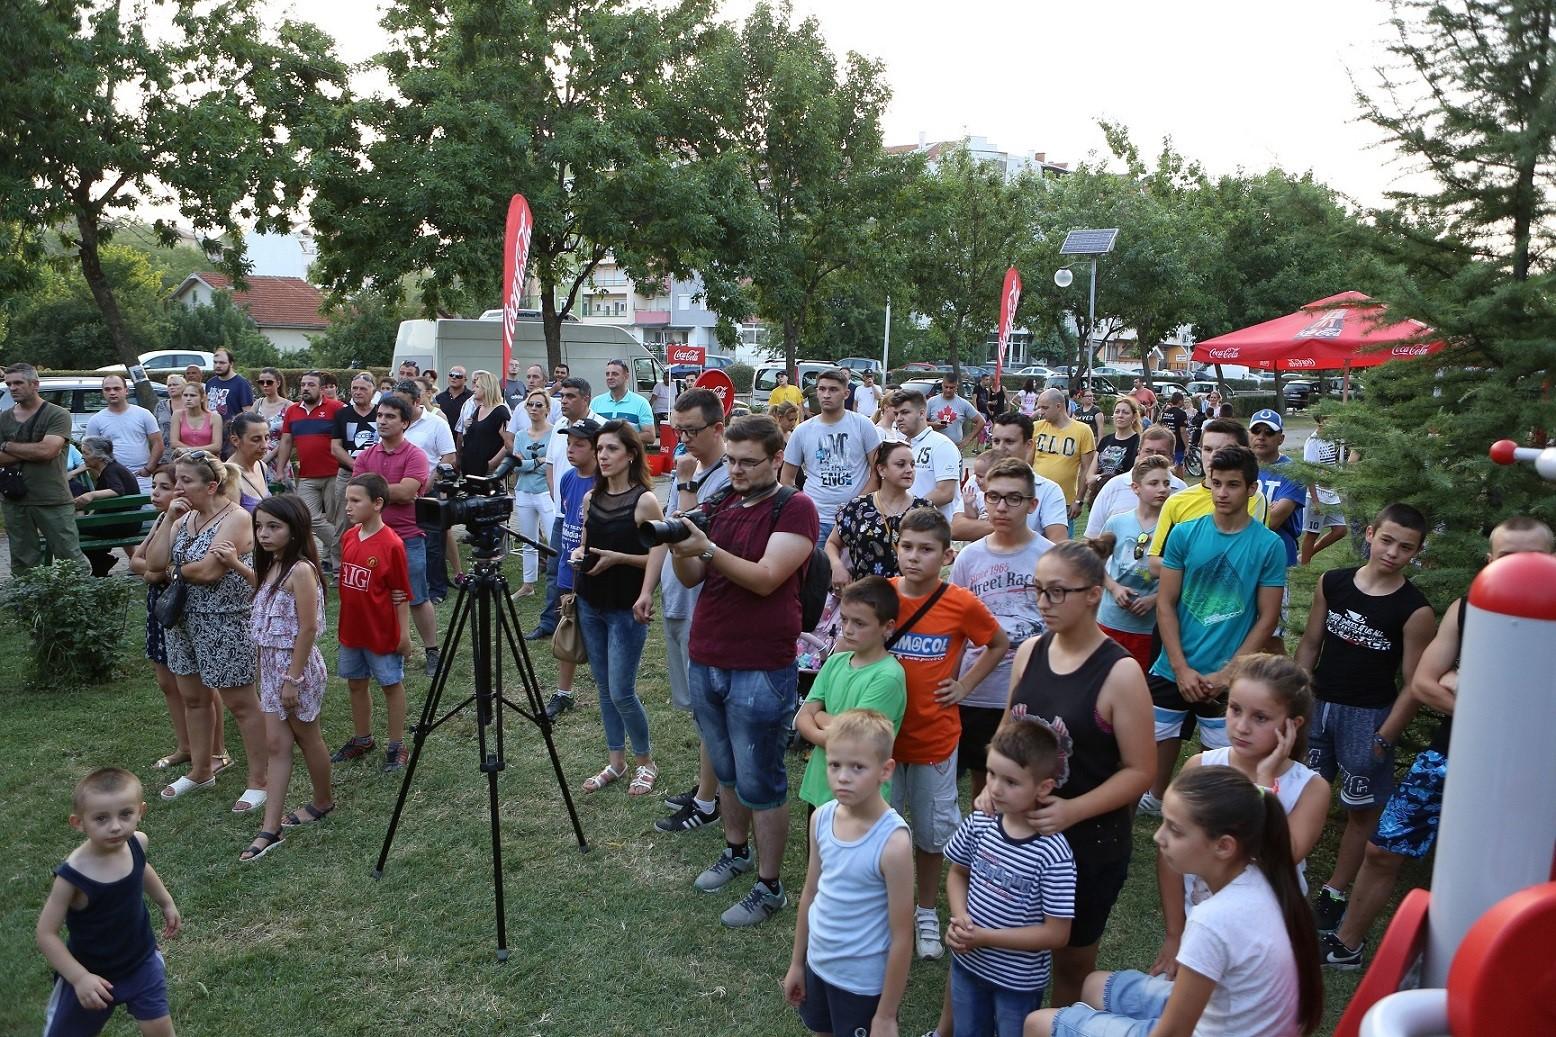 (5) kumanovo-dobi-sportsko-rekreativna-zona-donacija-od-pivara-skopje-i-kompanijata-coca-cola-www.kafepauza.mk